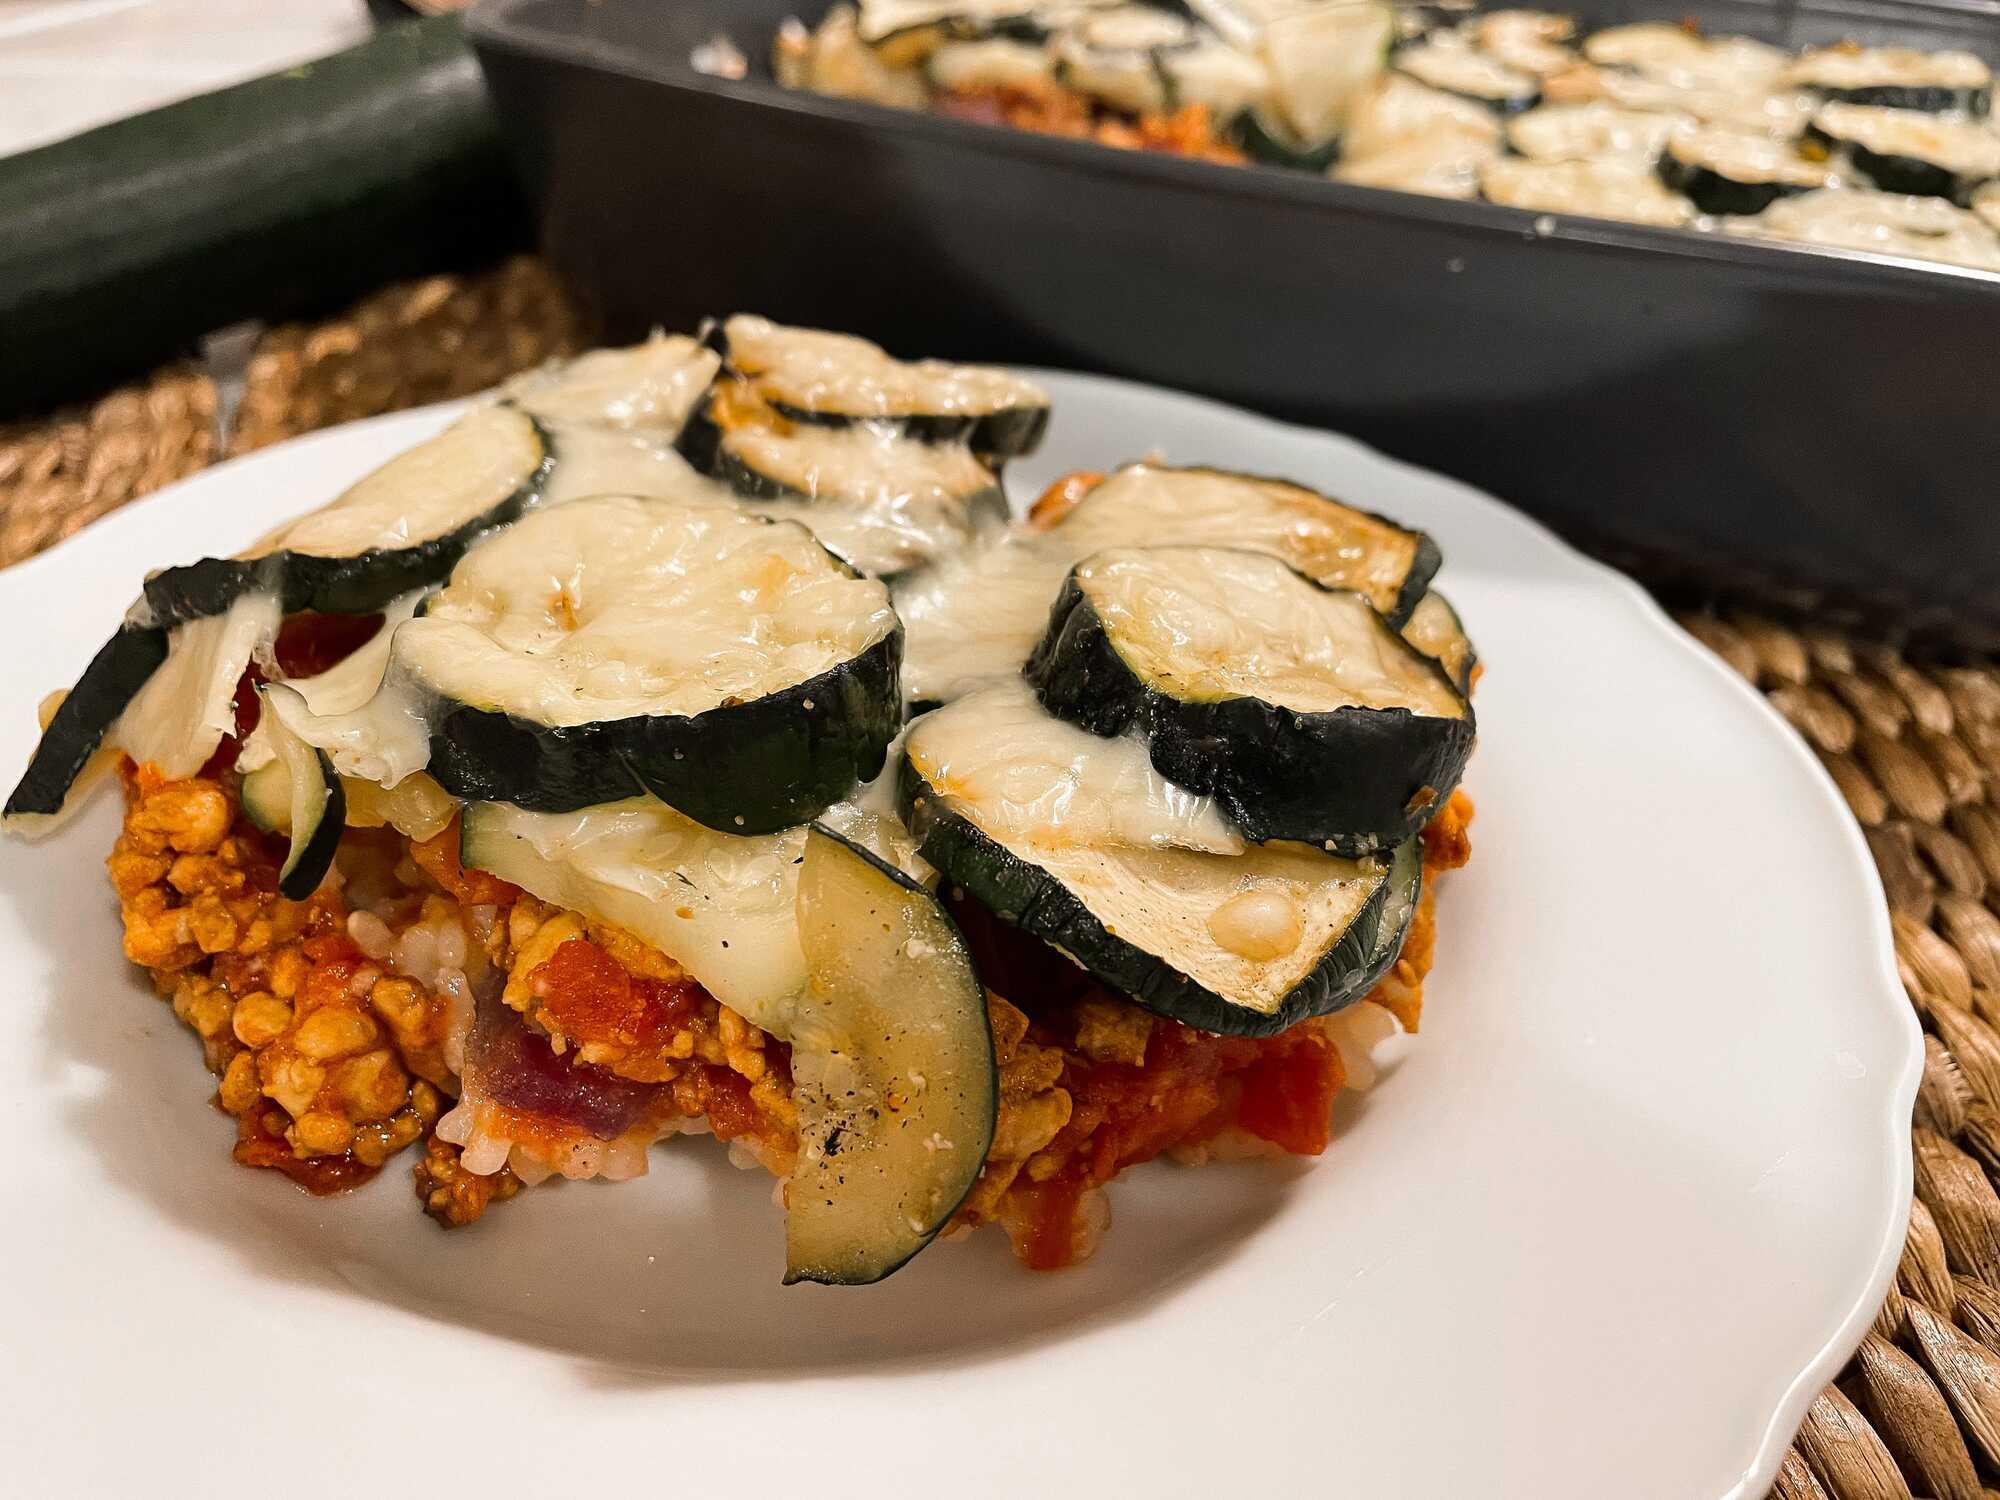 Sur son lit de riz couleur rouge grâce aux tomates, le hachis de viande viens par dessus et enfin les courgettes coupées en grosses tranches.